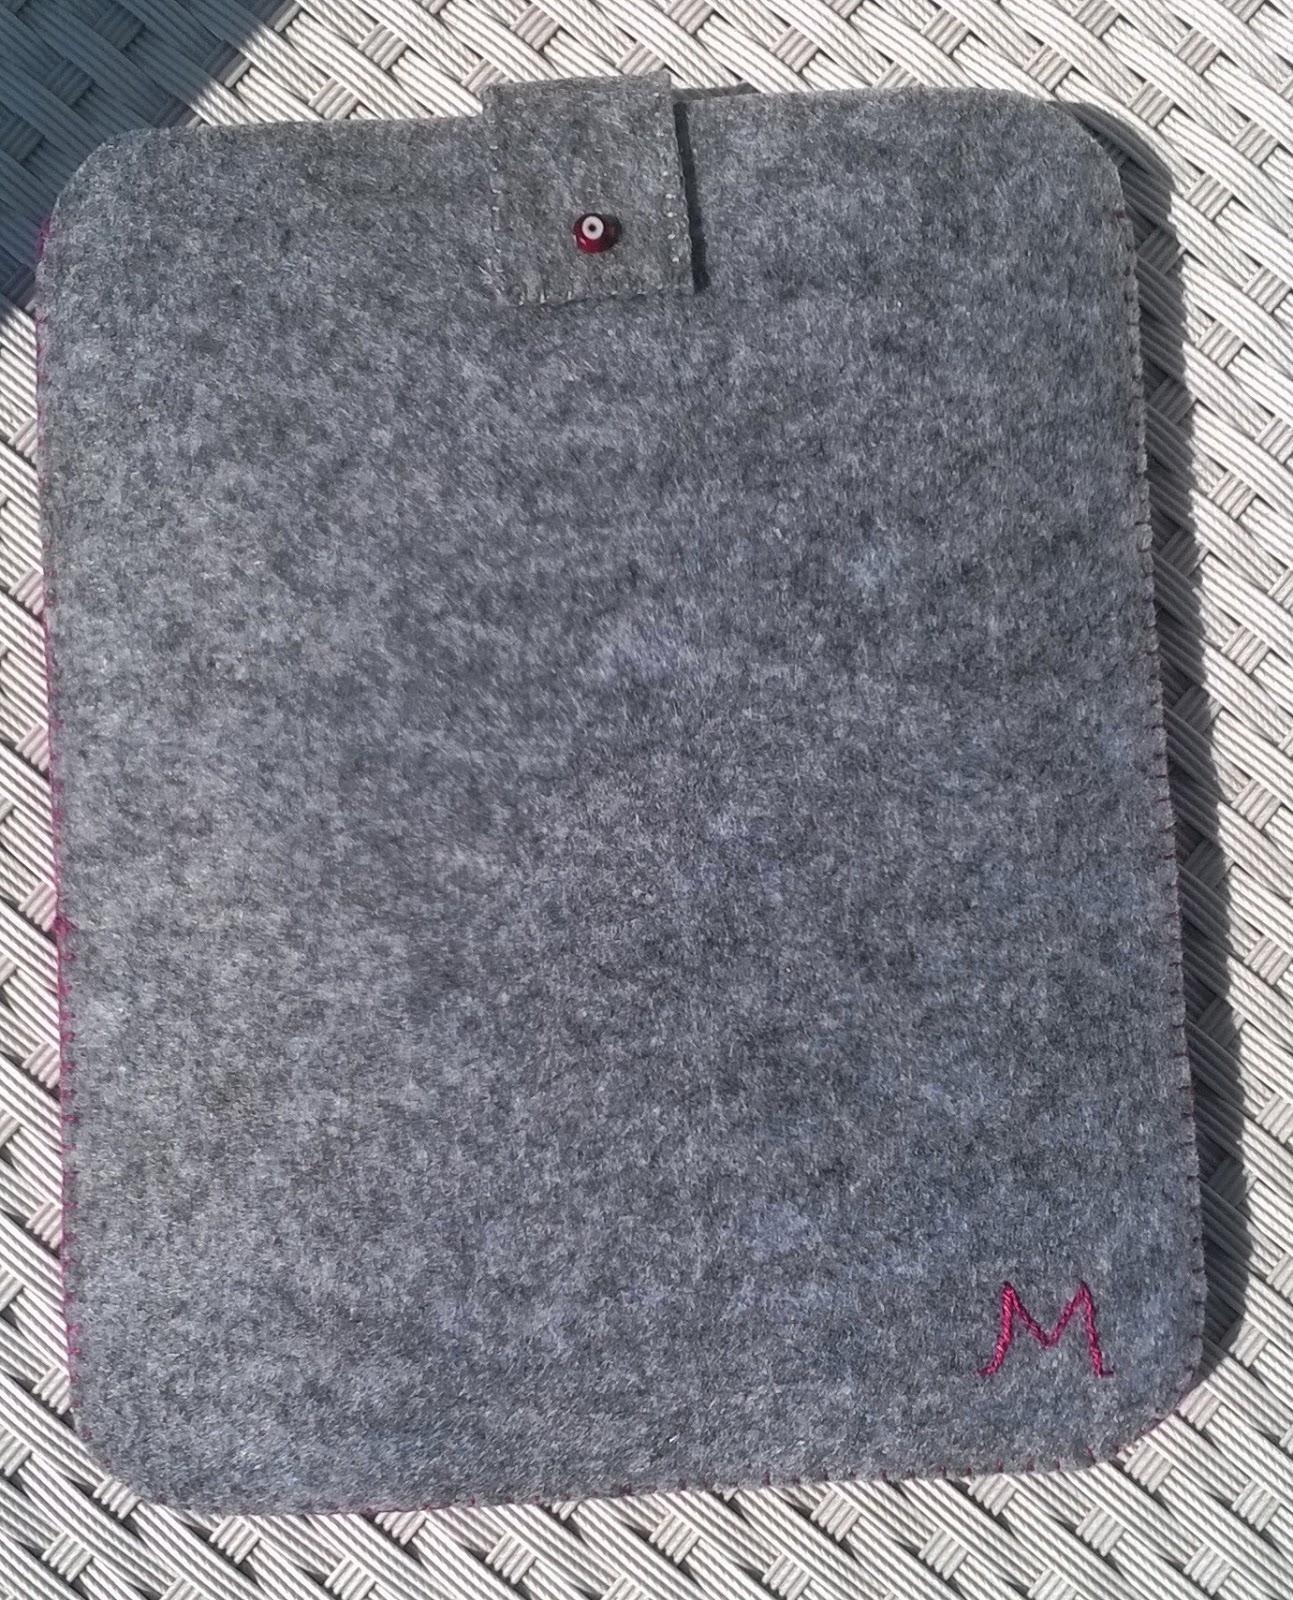 Tığ işi zigzag battaniye yapımı - 10marifet.org | 1600x1293